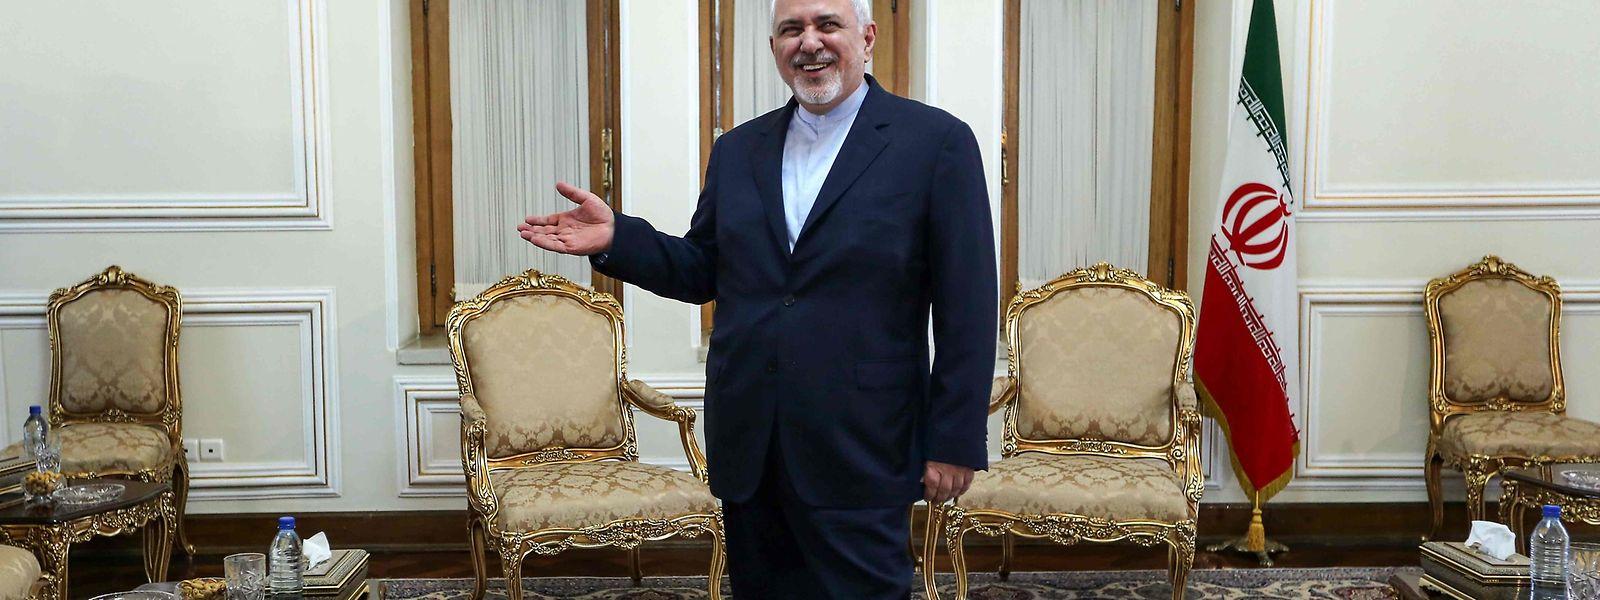 Der iranische Außenminister Dschawad Sarif.